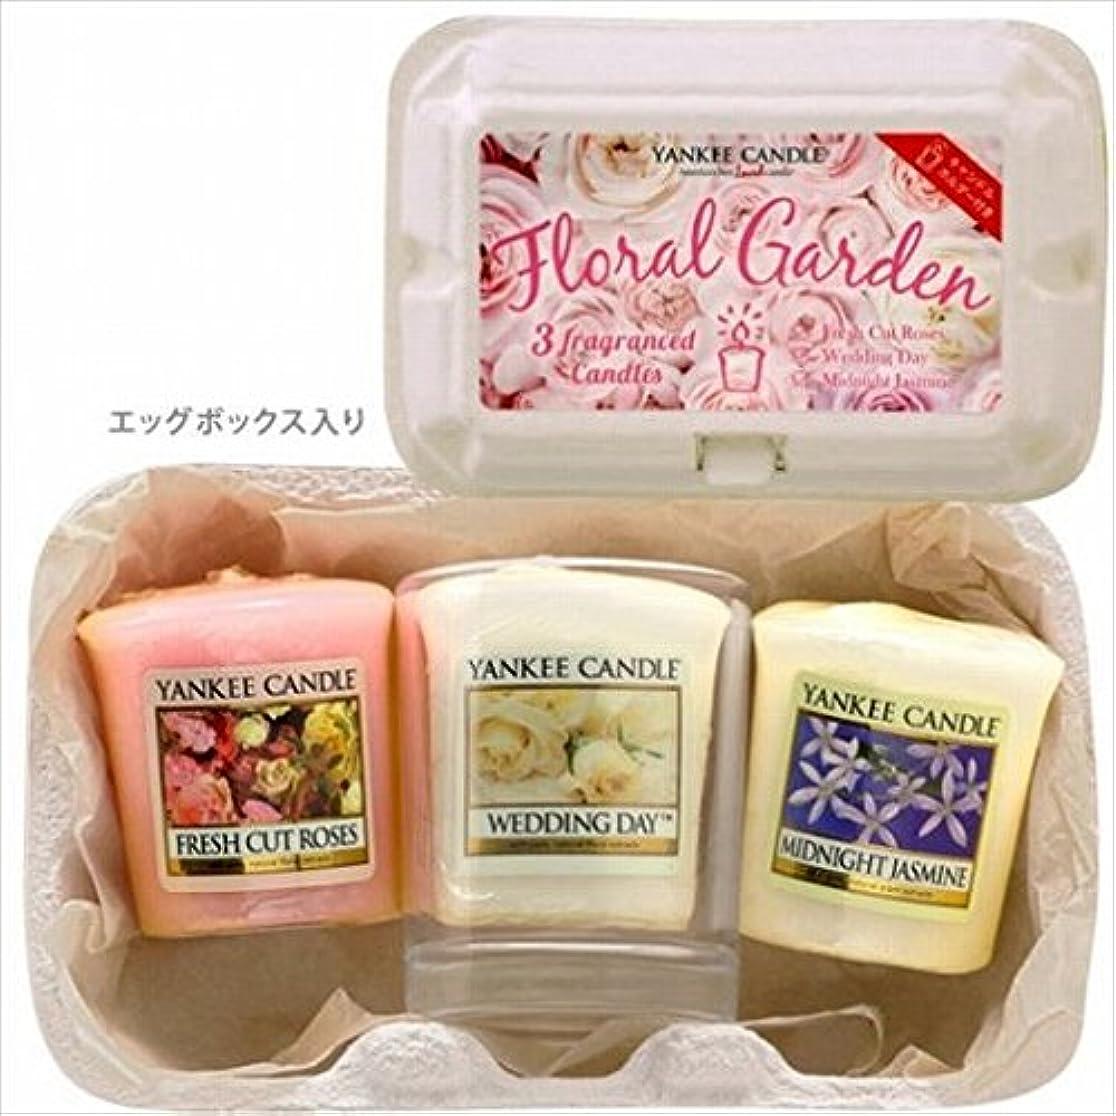 朝ニコチン何かヤンキーキャンドル(YANKEE CANDLE) YANKEE CANDLE カジュアルギフトアソート 「 フローラルガーデン 」